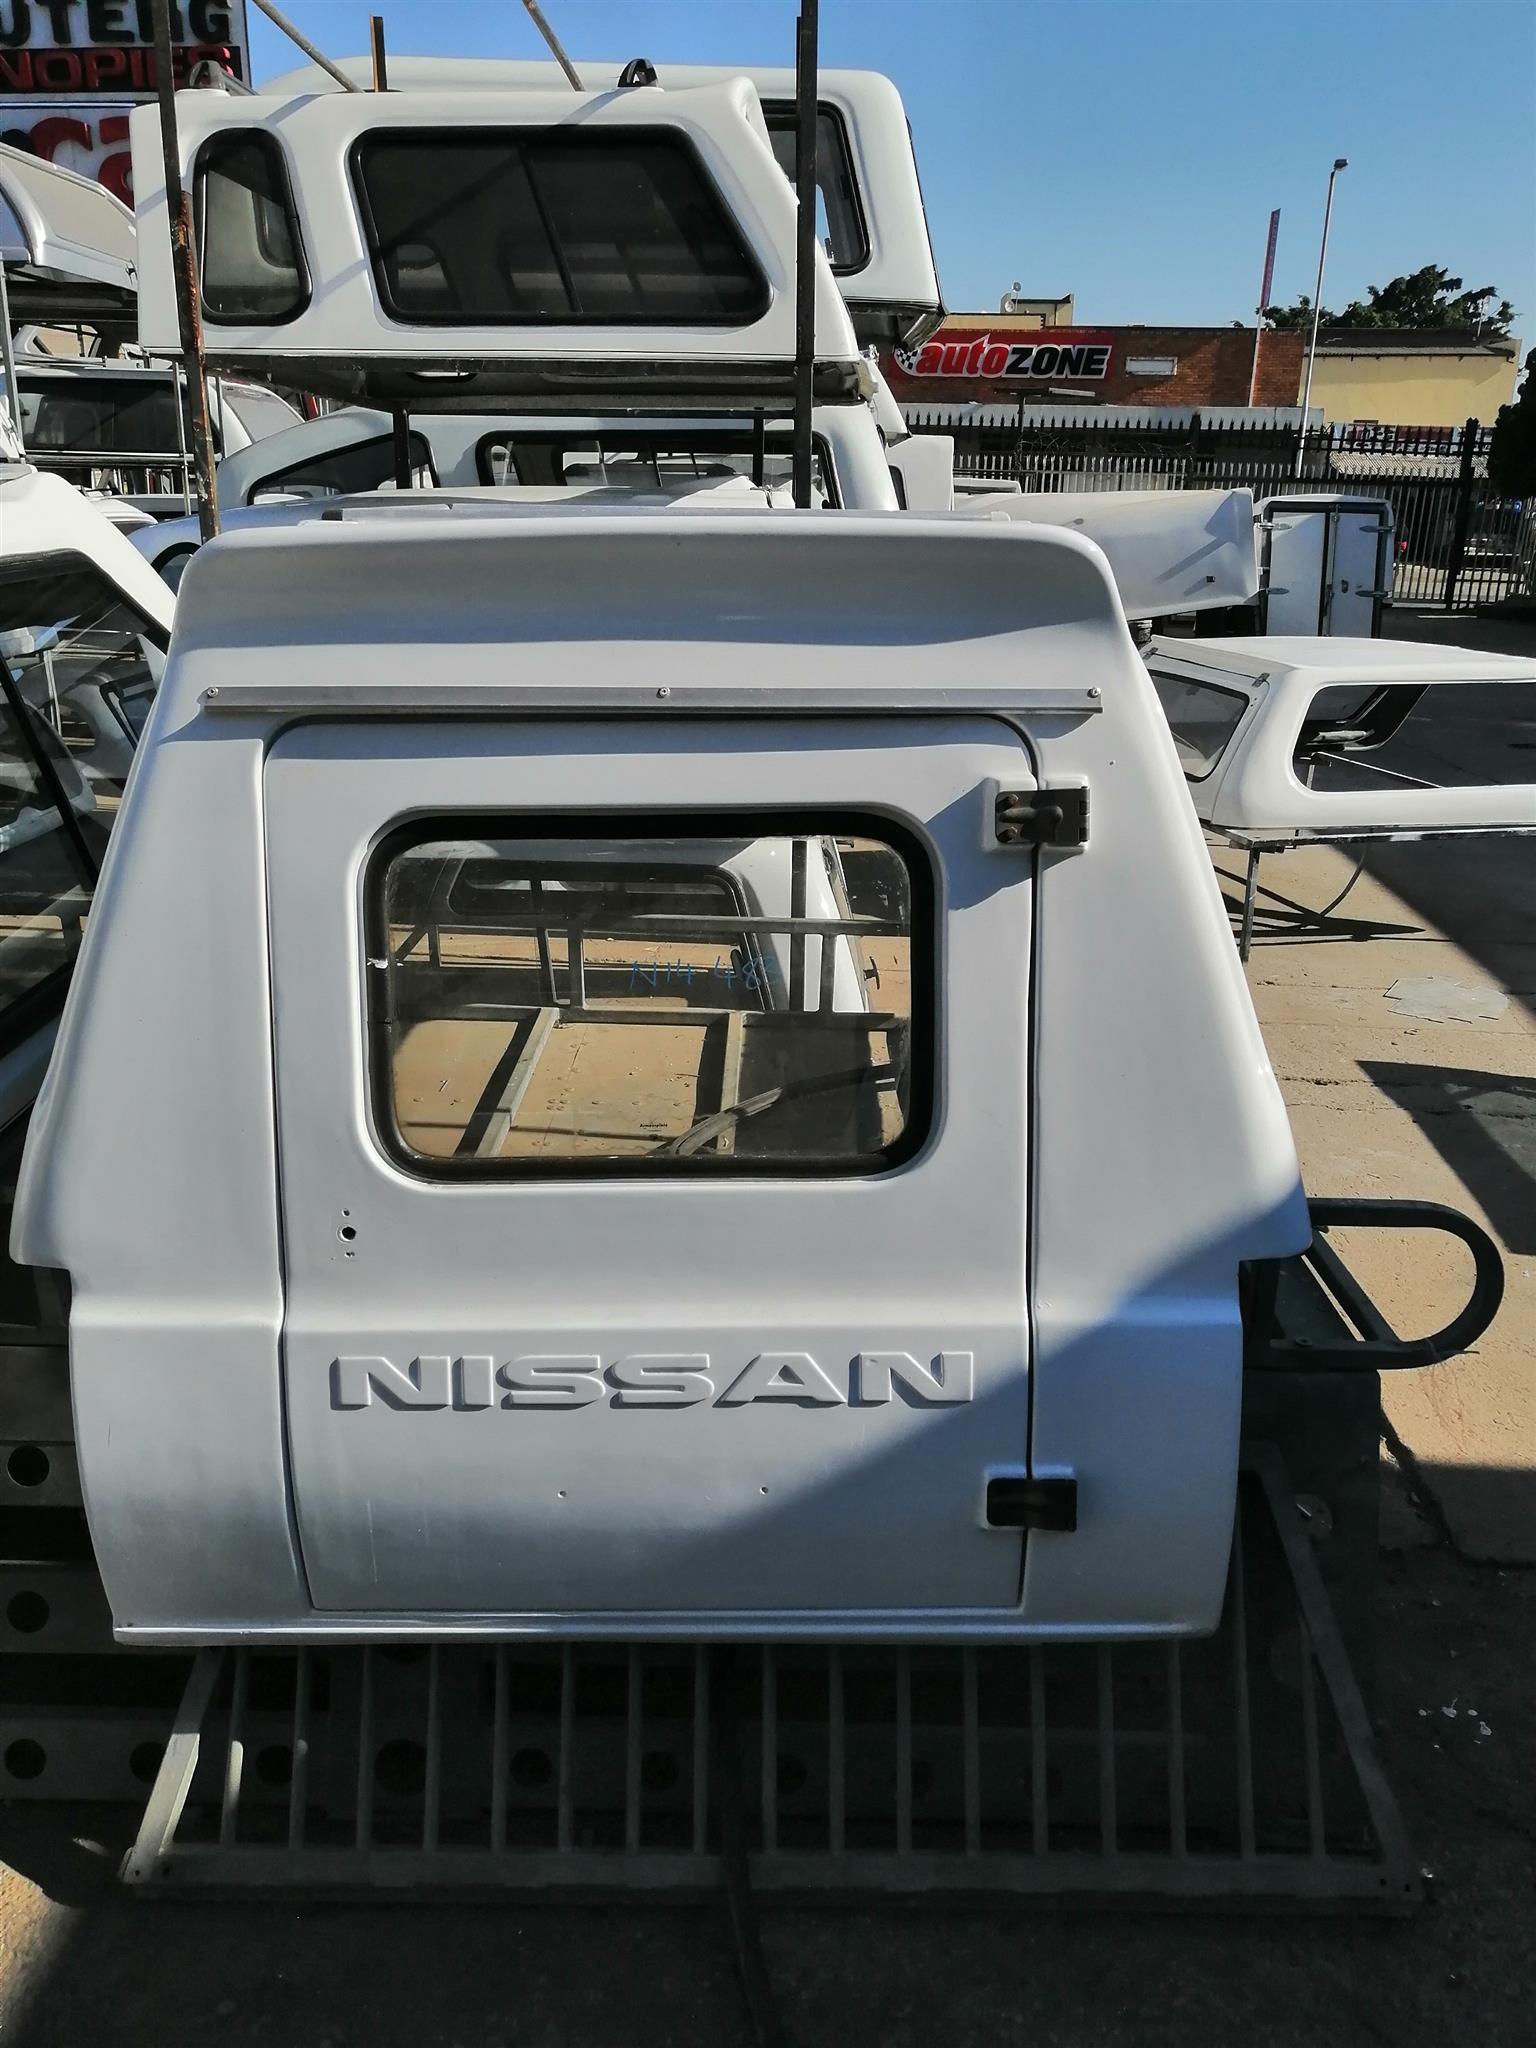 SA Nissan 1400 Full Door Hi - LIner Refurbished Canopy for sale !!